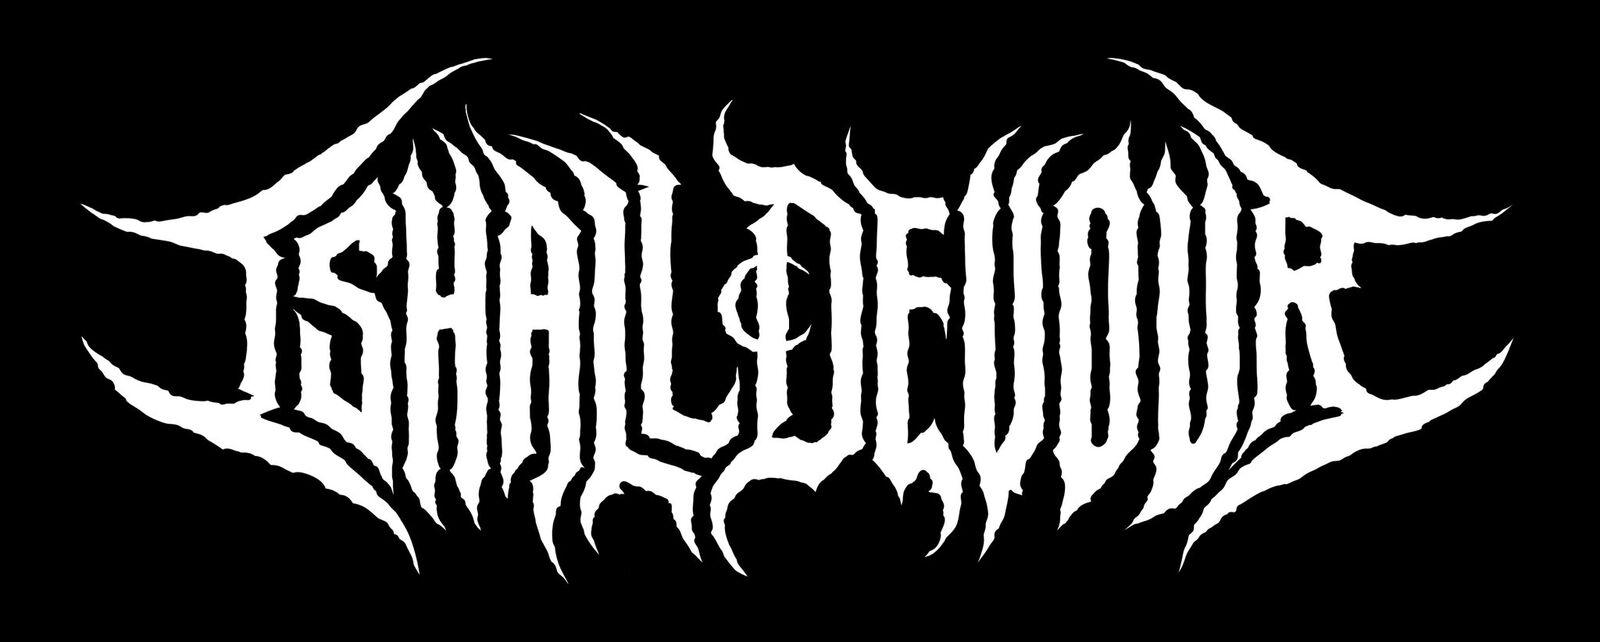 I Shall Devour - Logo